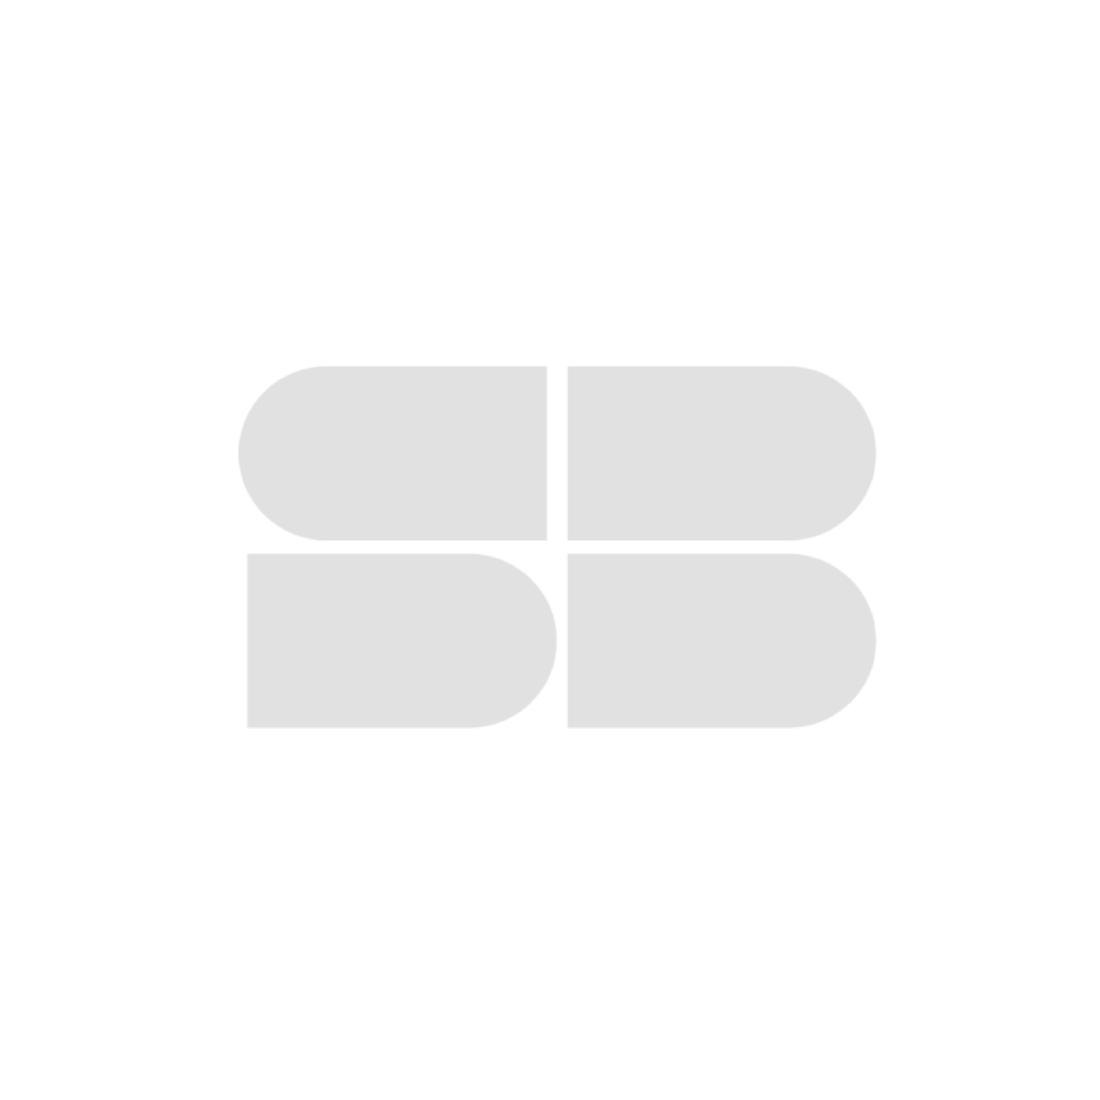 โต๊ะทานอาหาร โต๊ะอาหารไม้ล้วน รุ่น Peeler-SB Design Square